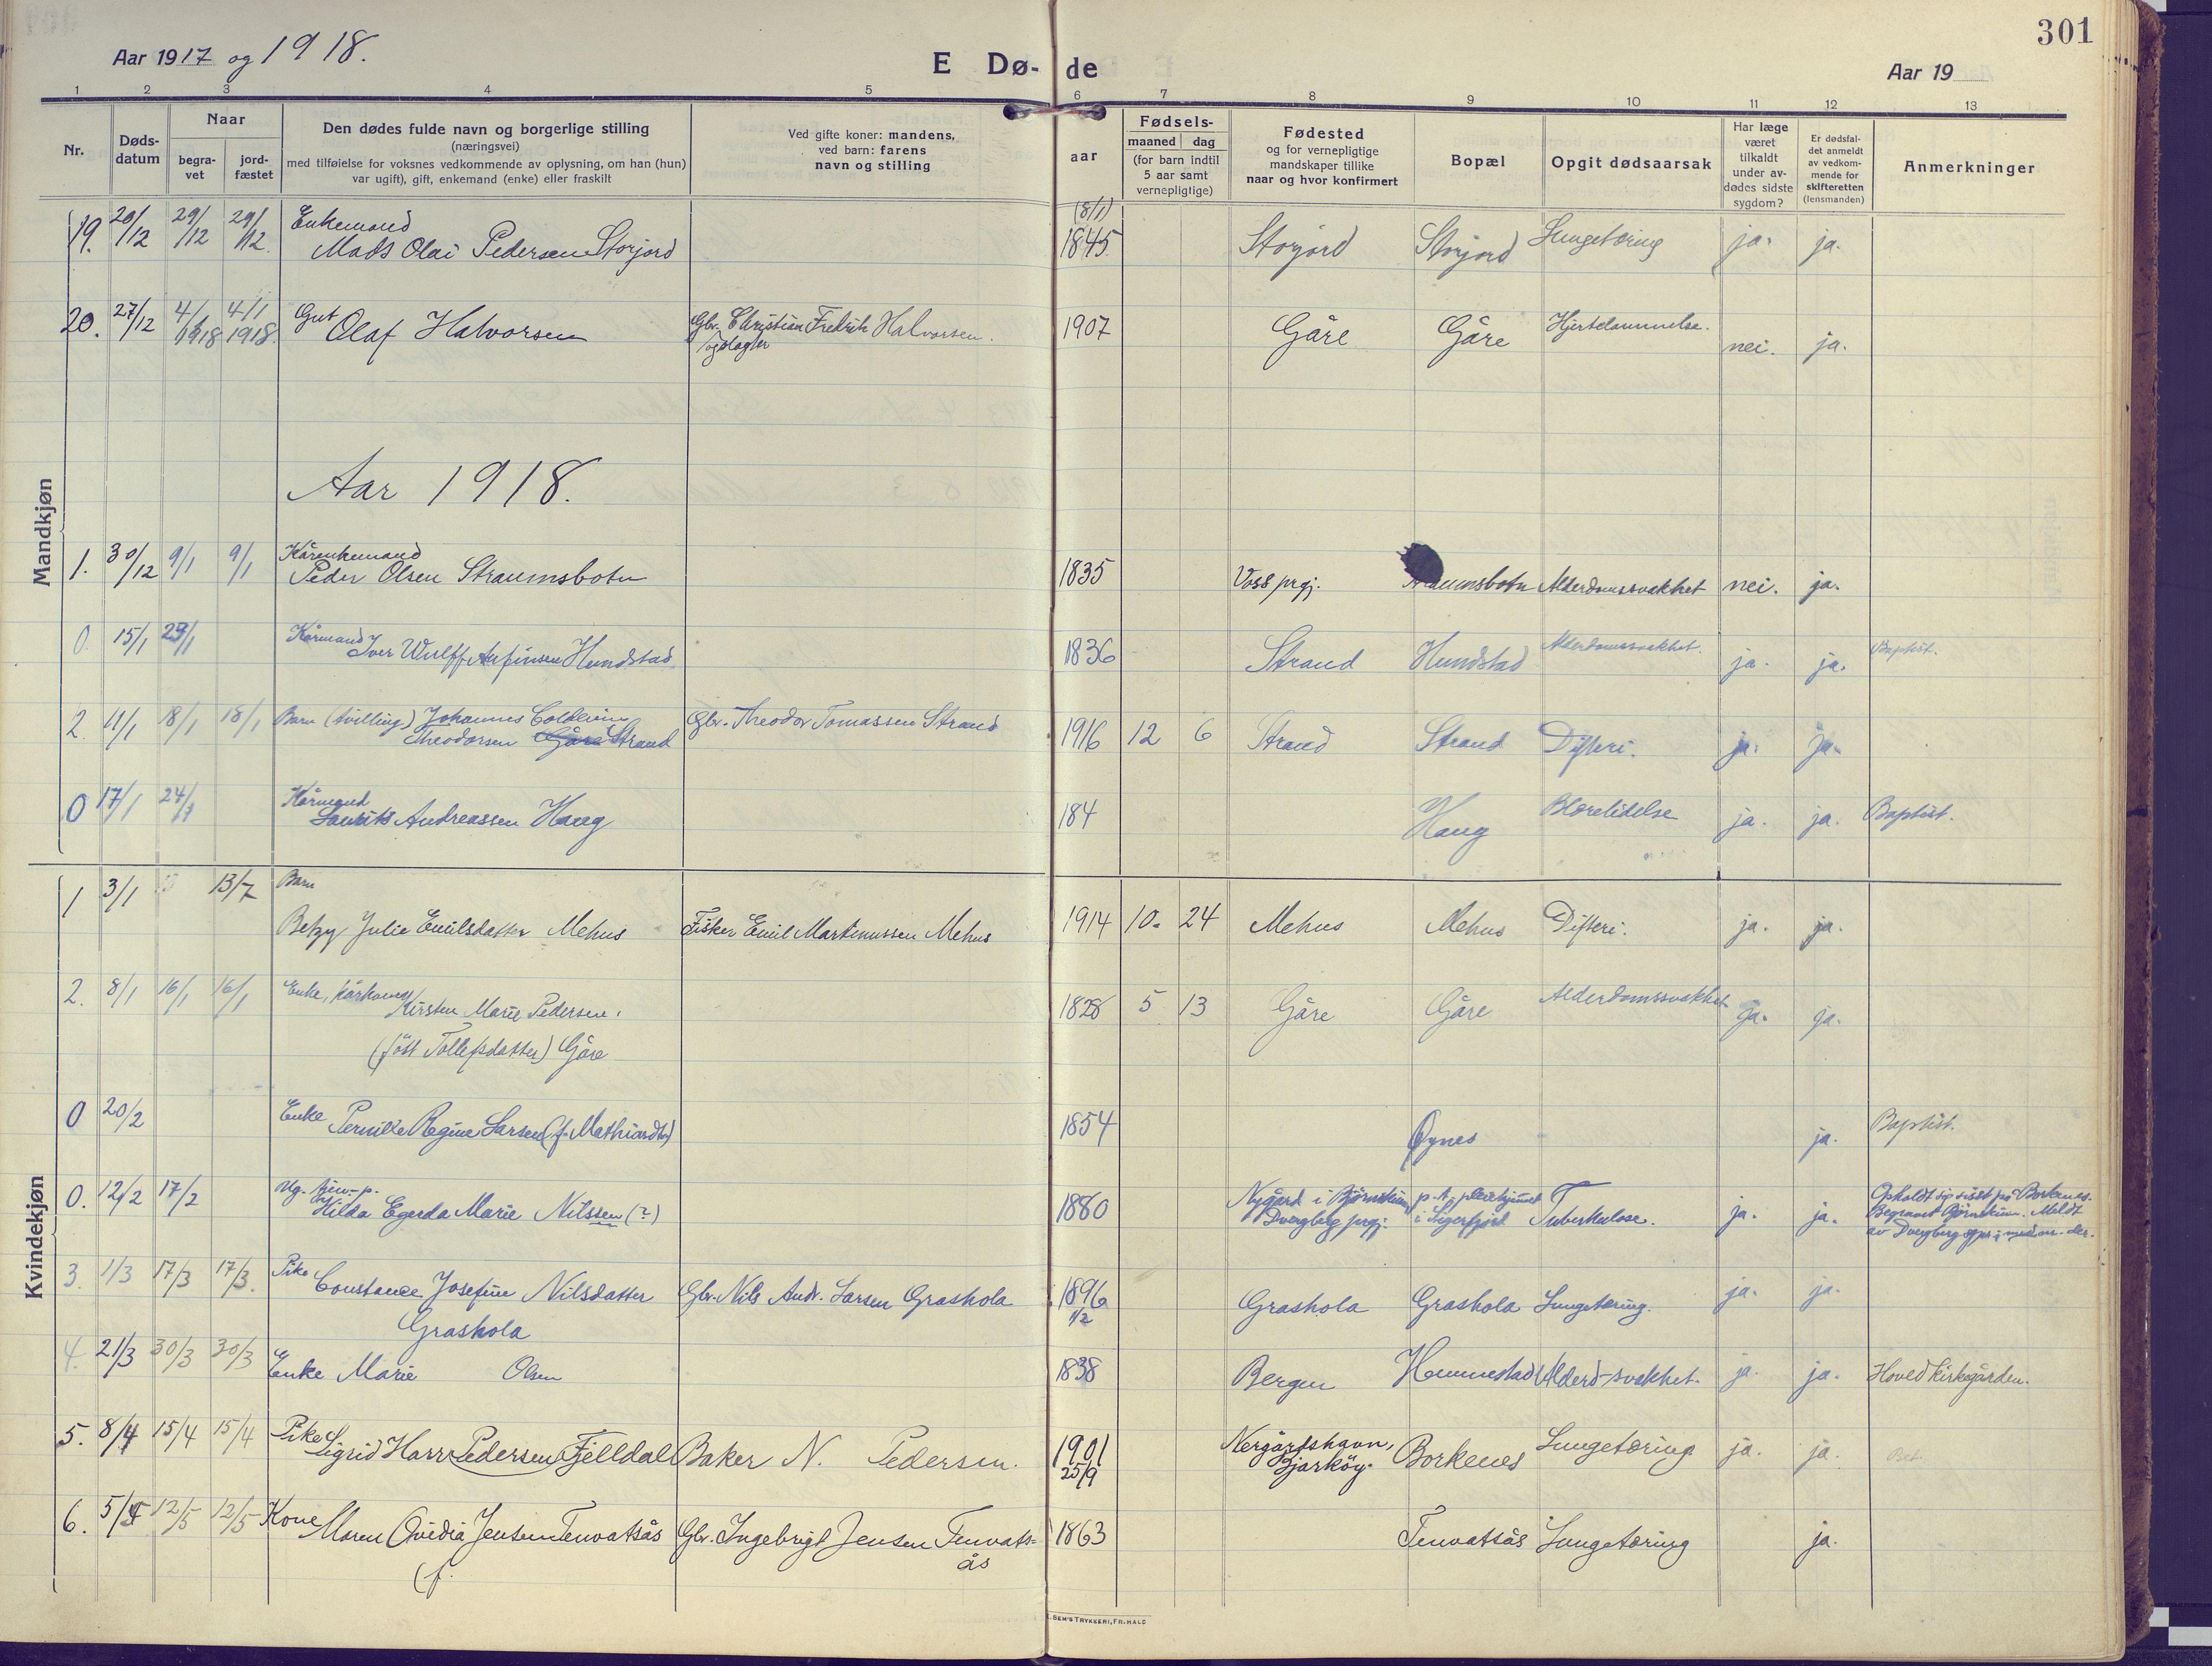 SATØ, Kvæfjord sokneprestkontor, G/Ga/Gaa/L0007kirke: Ministerialbok nr. 7, 1915-1931, s. 301